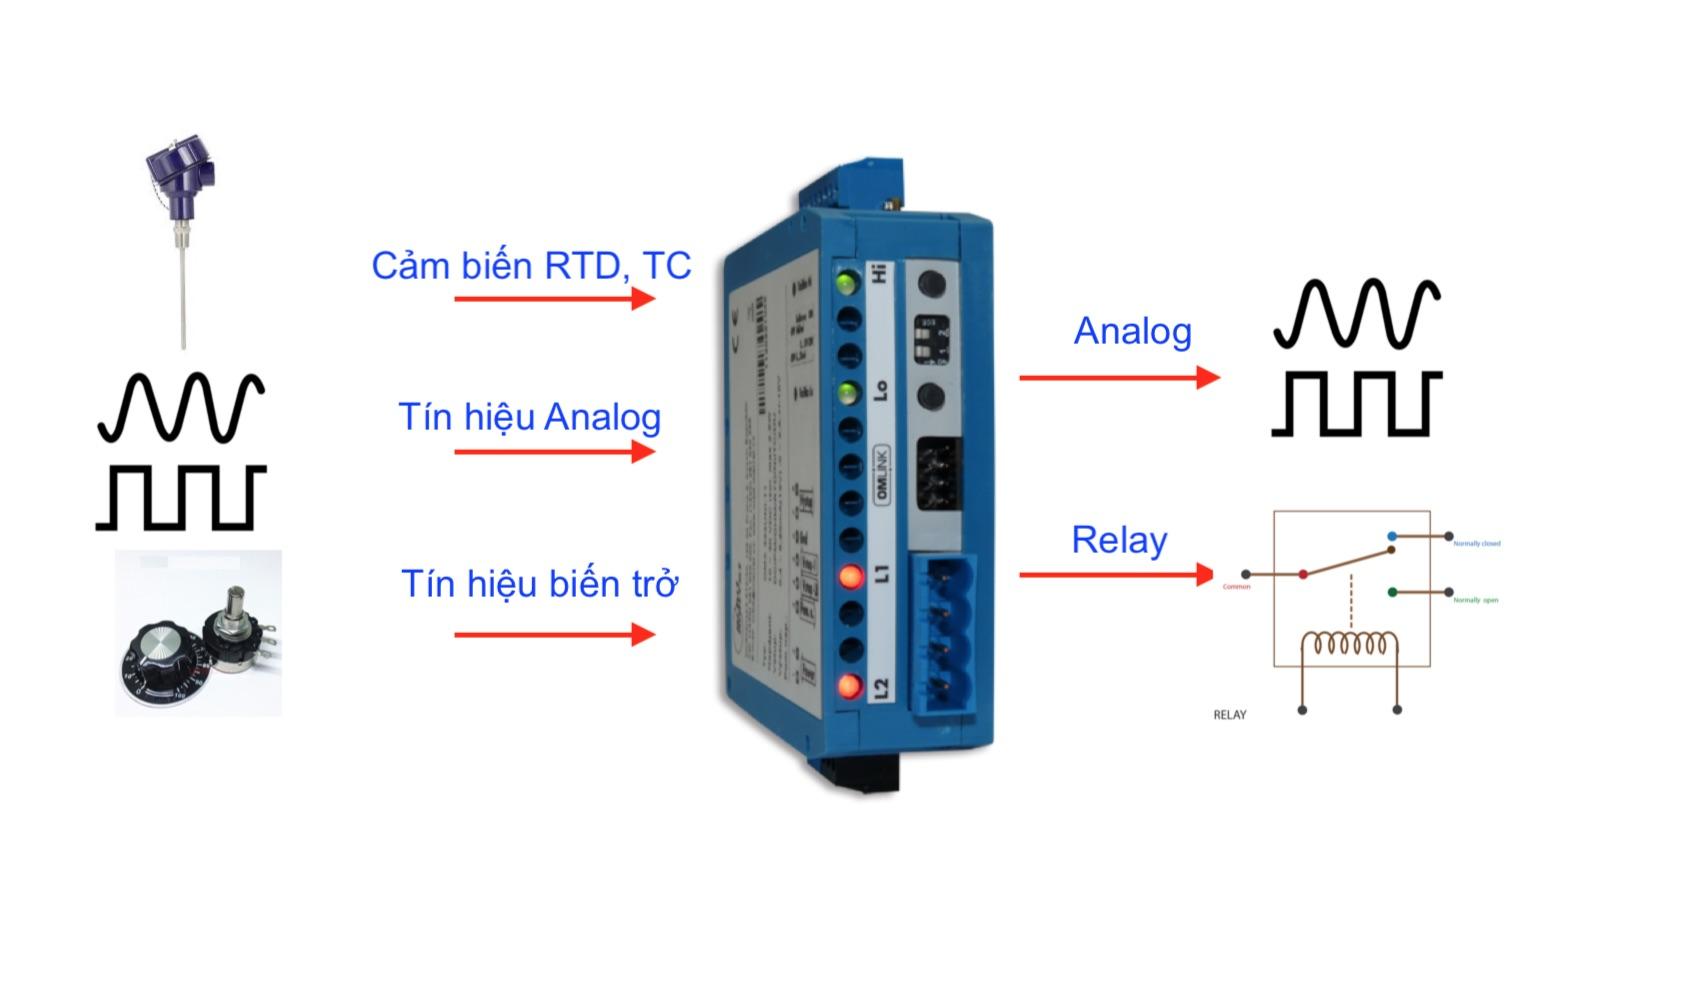 OMX333UNI Bộ chuyển đổi tín hiệu Analog - OMX333UNI